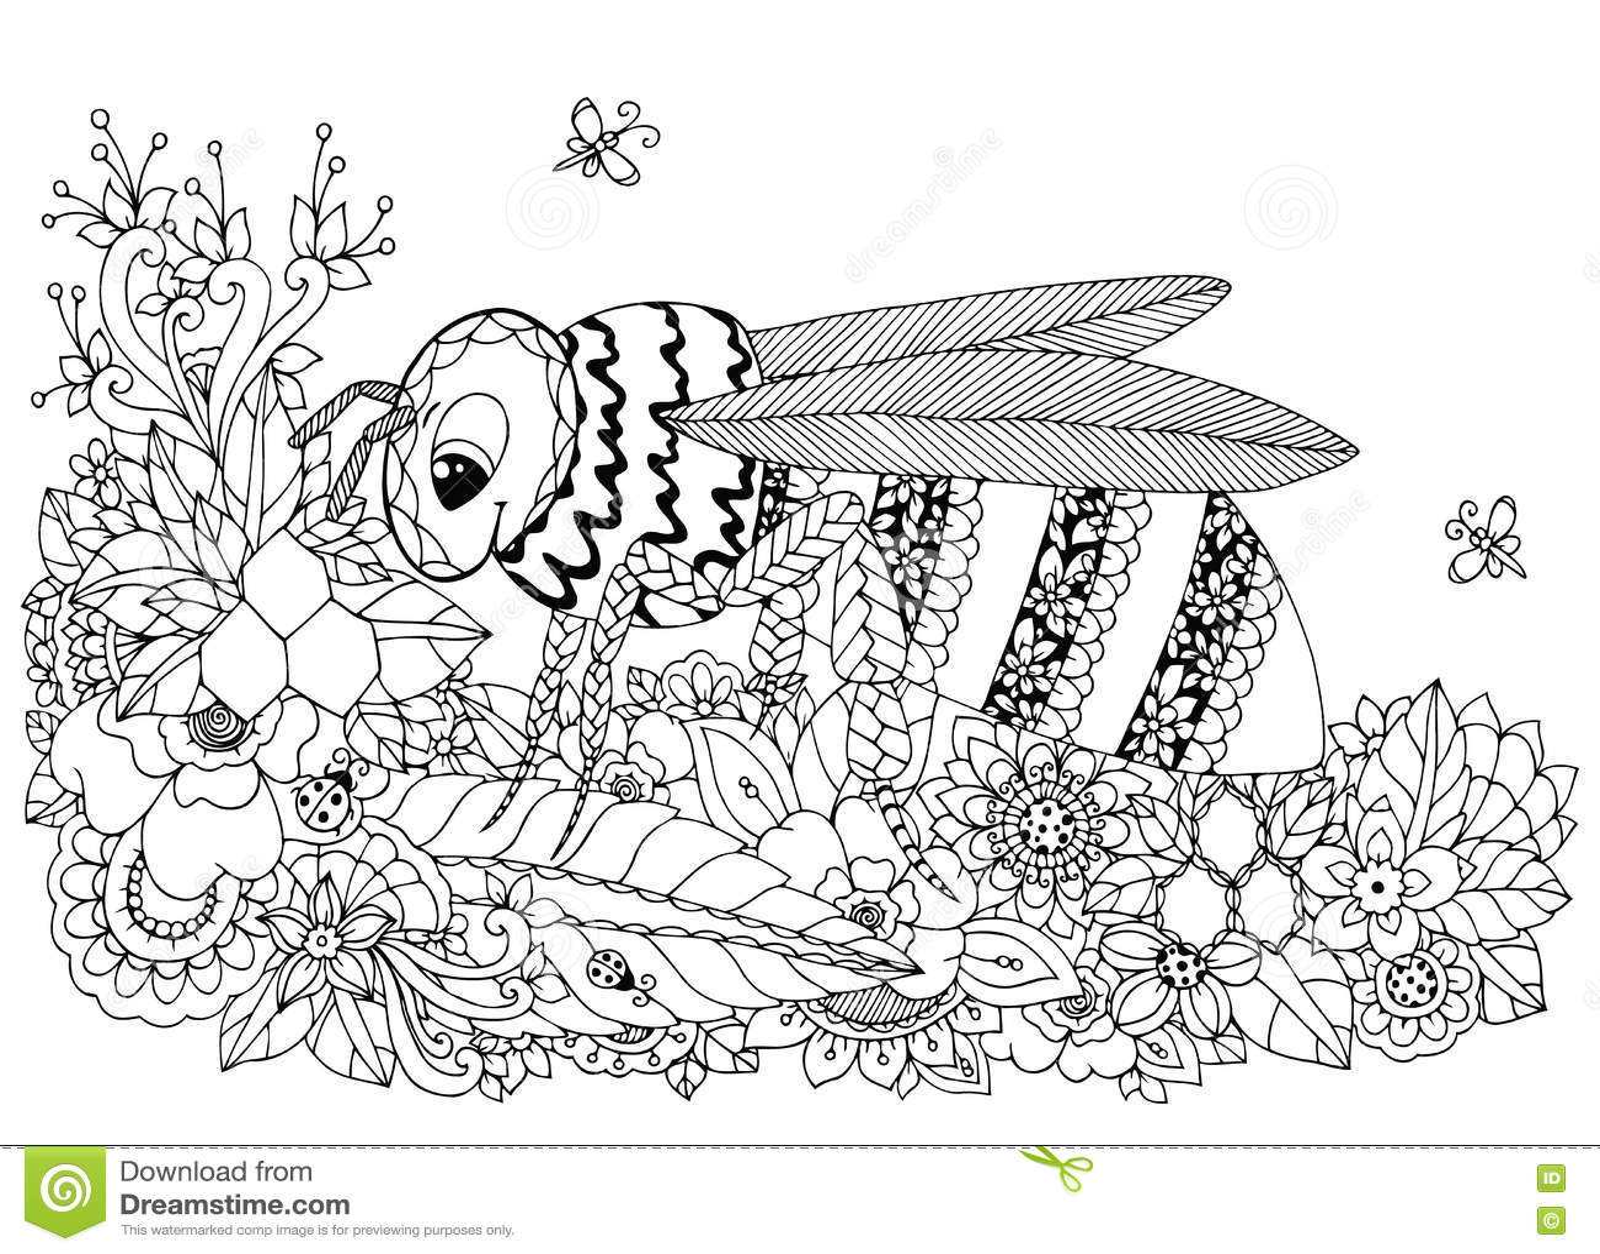 Illustrazione Zen Tangle Di Vettore Vespa E Fiori Disegno Di